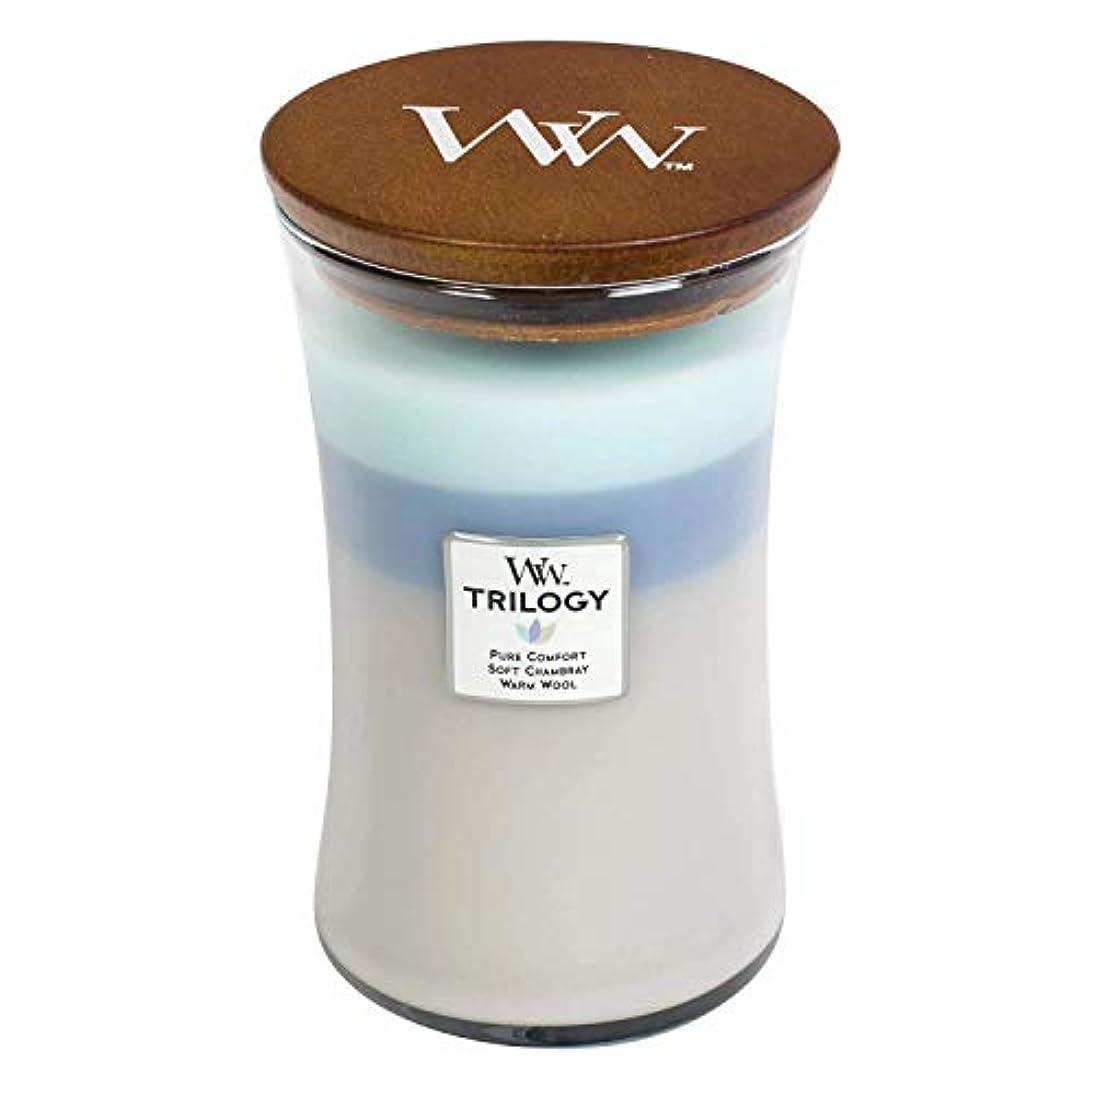 半球アドバイス地元Woven Comforts WoodWick Trilogy 22オンス香りつきJarキャンドル – 3 in 1つ